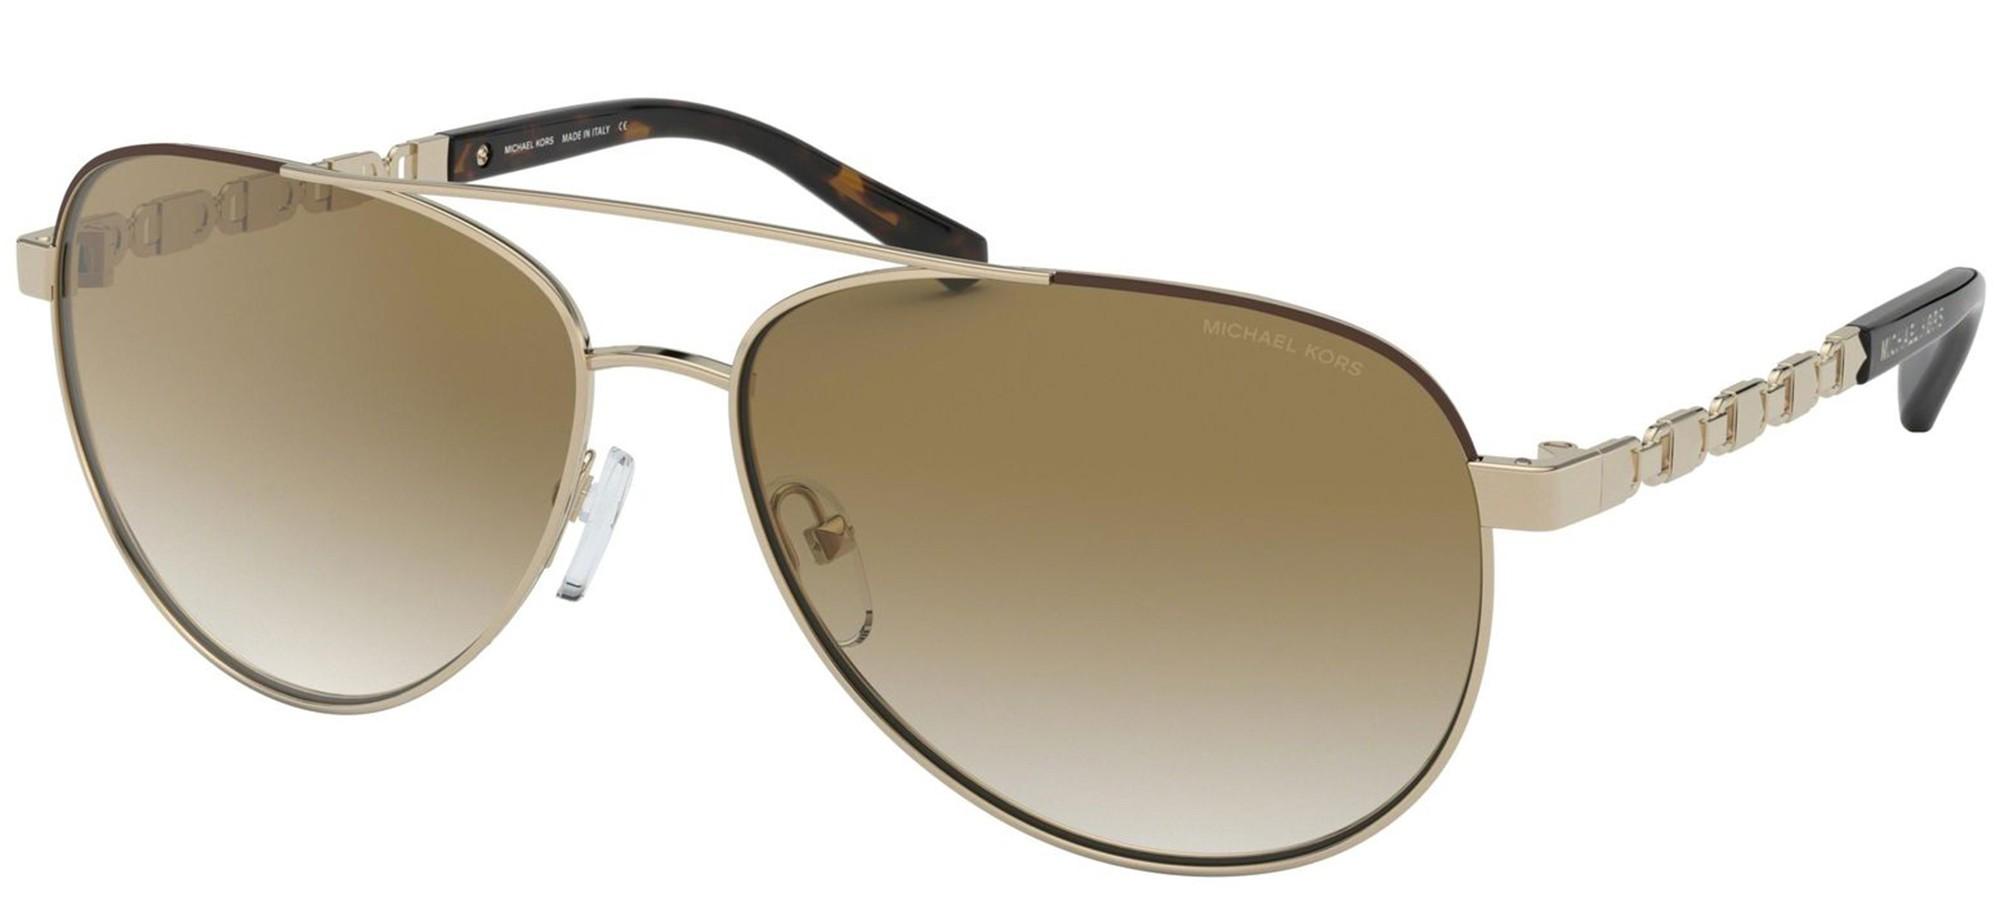 Michael Kors sunglasses SAN JUAN MK 1047